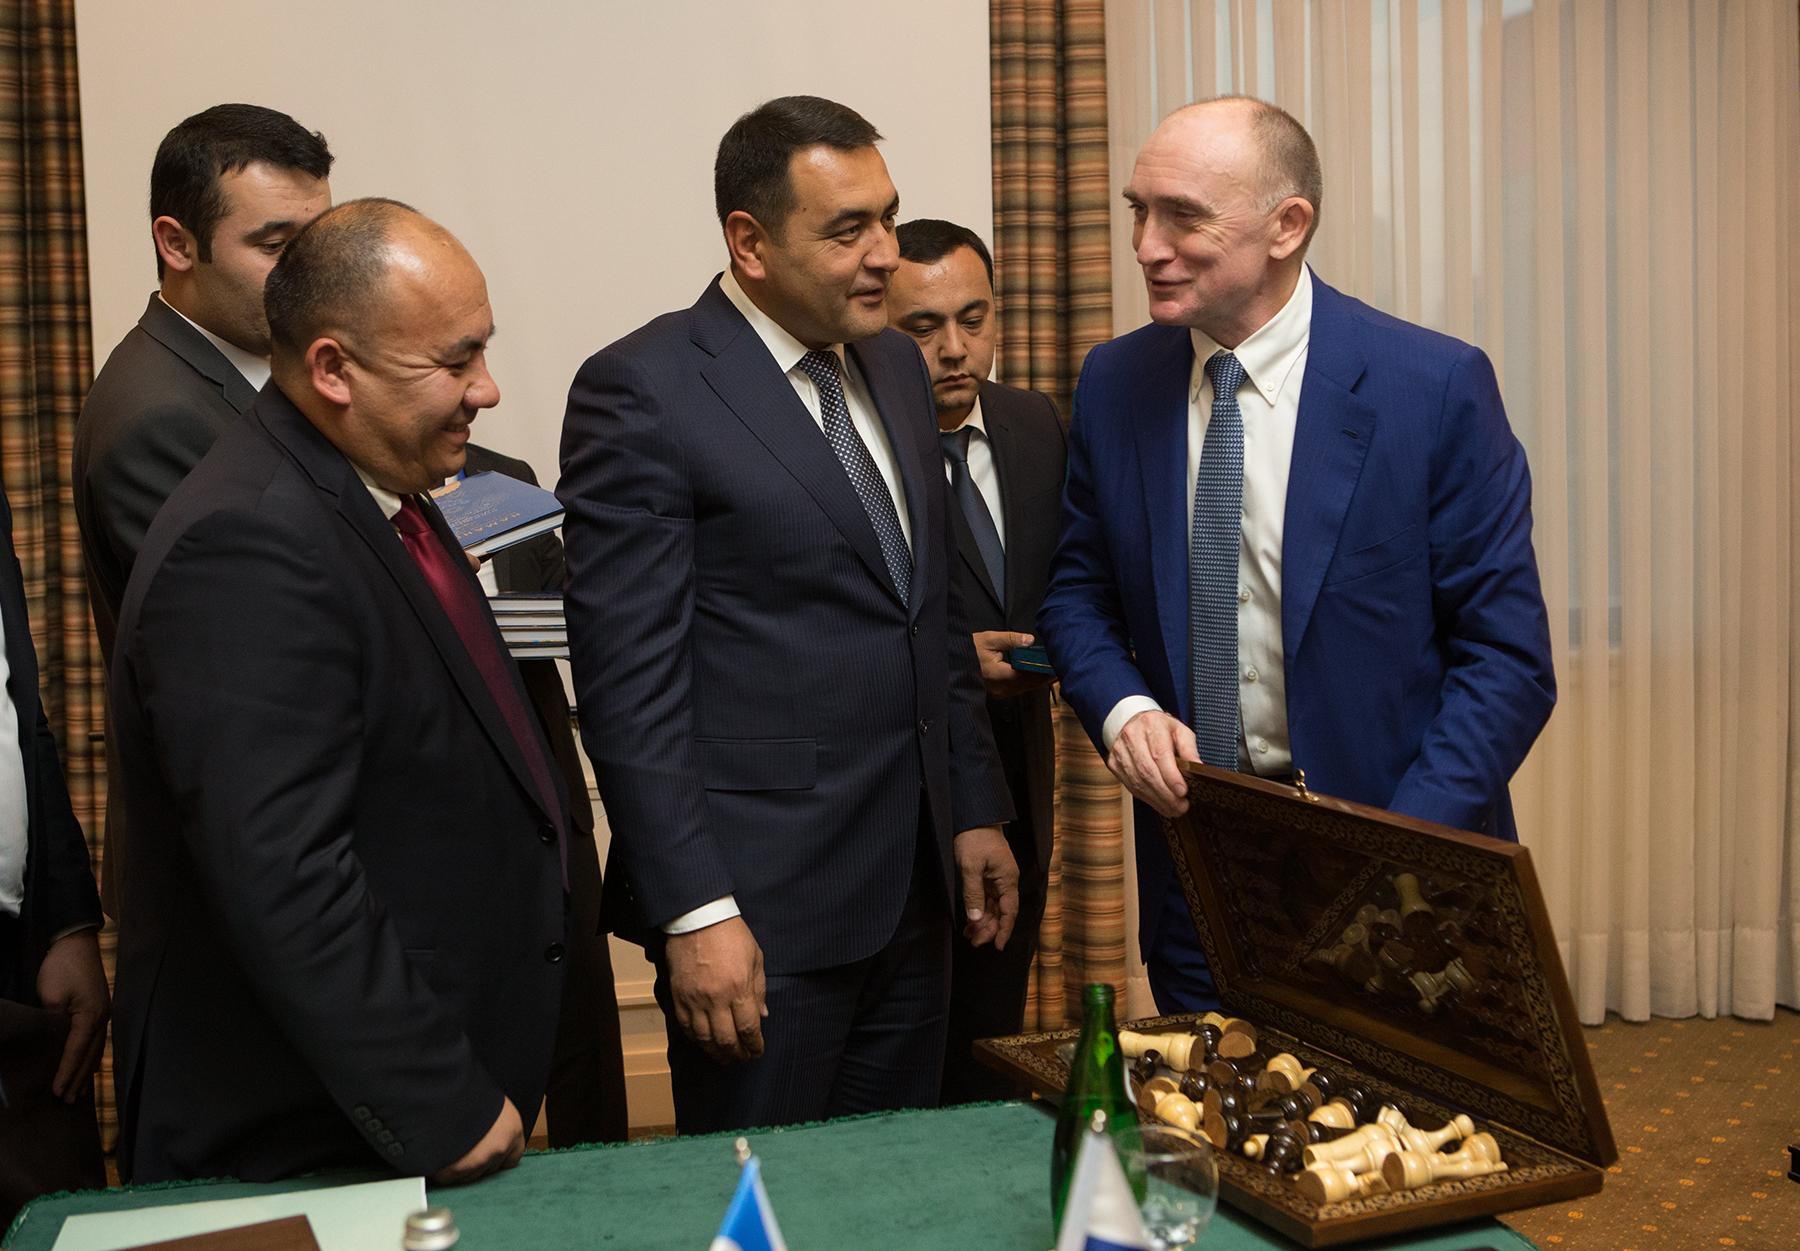 Правительство Челябинской области и хокомият Намаганской области Республики Узбекистан заключили